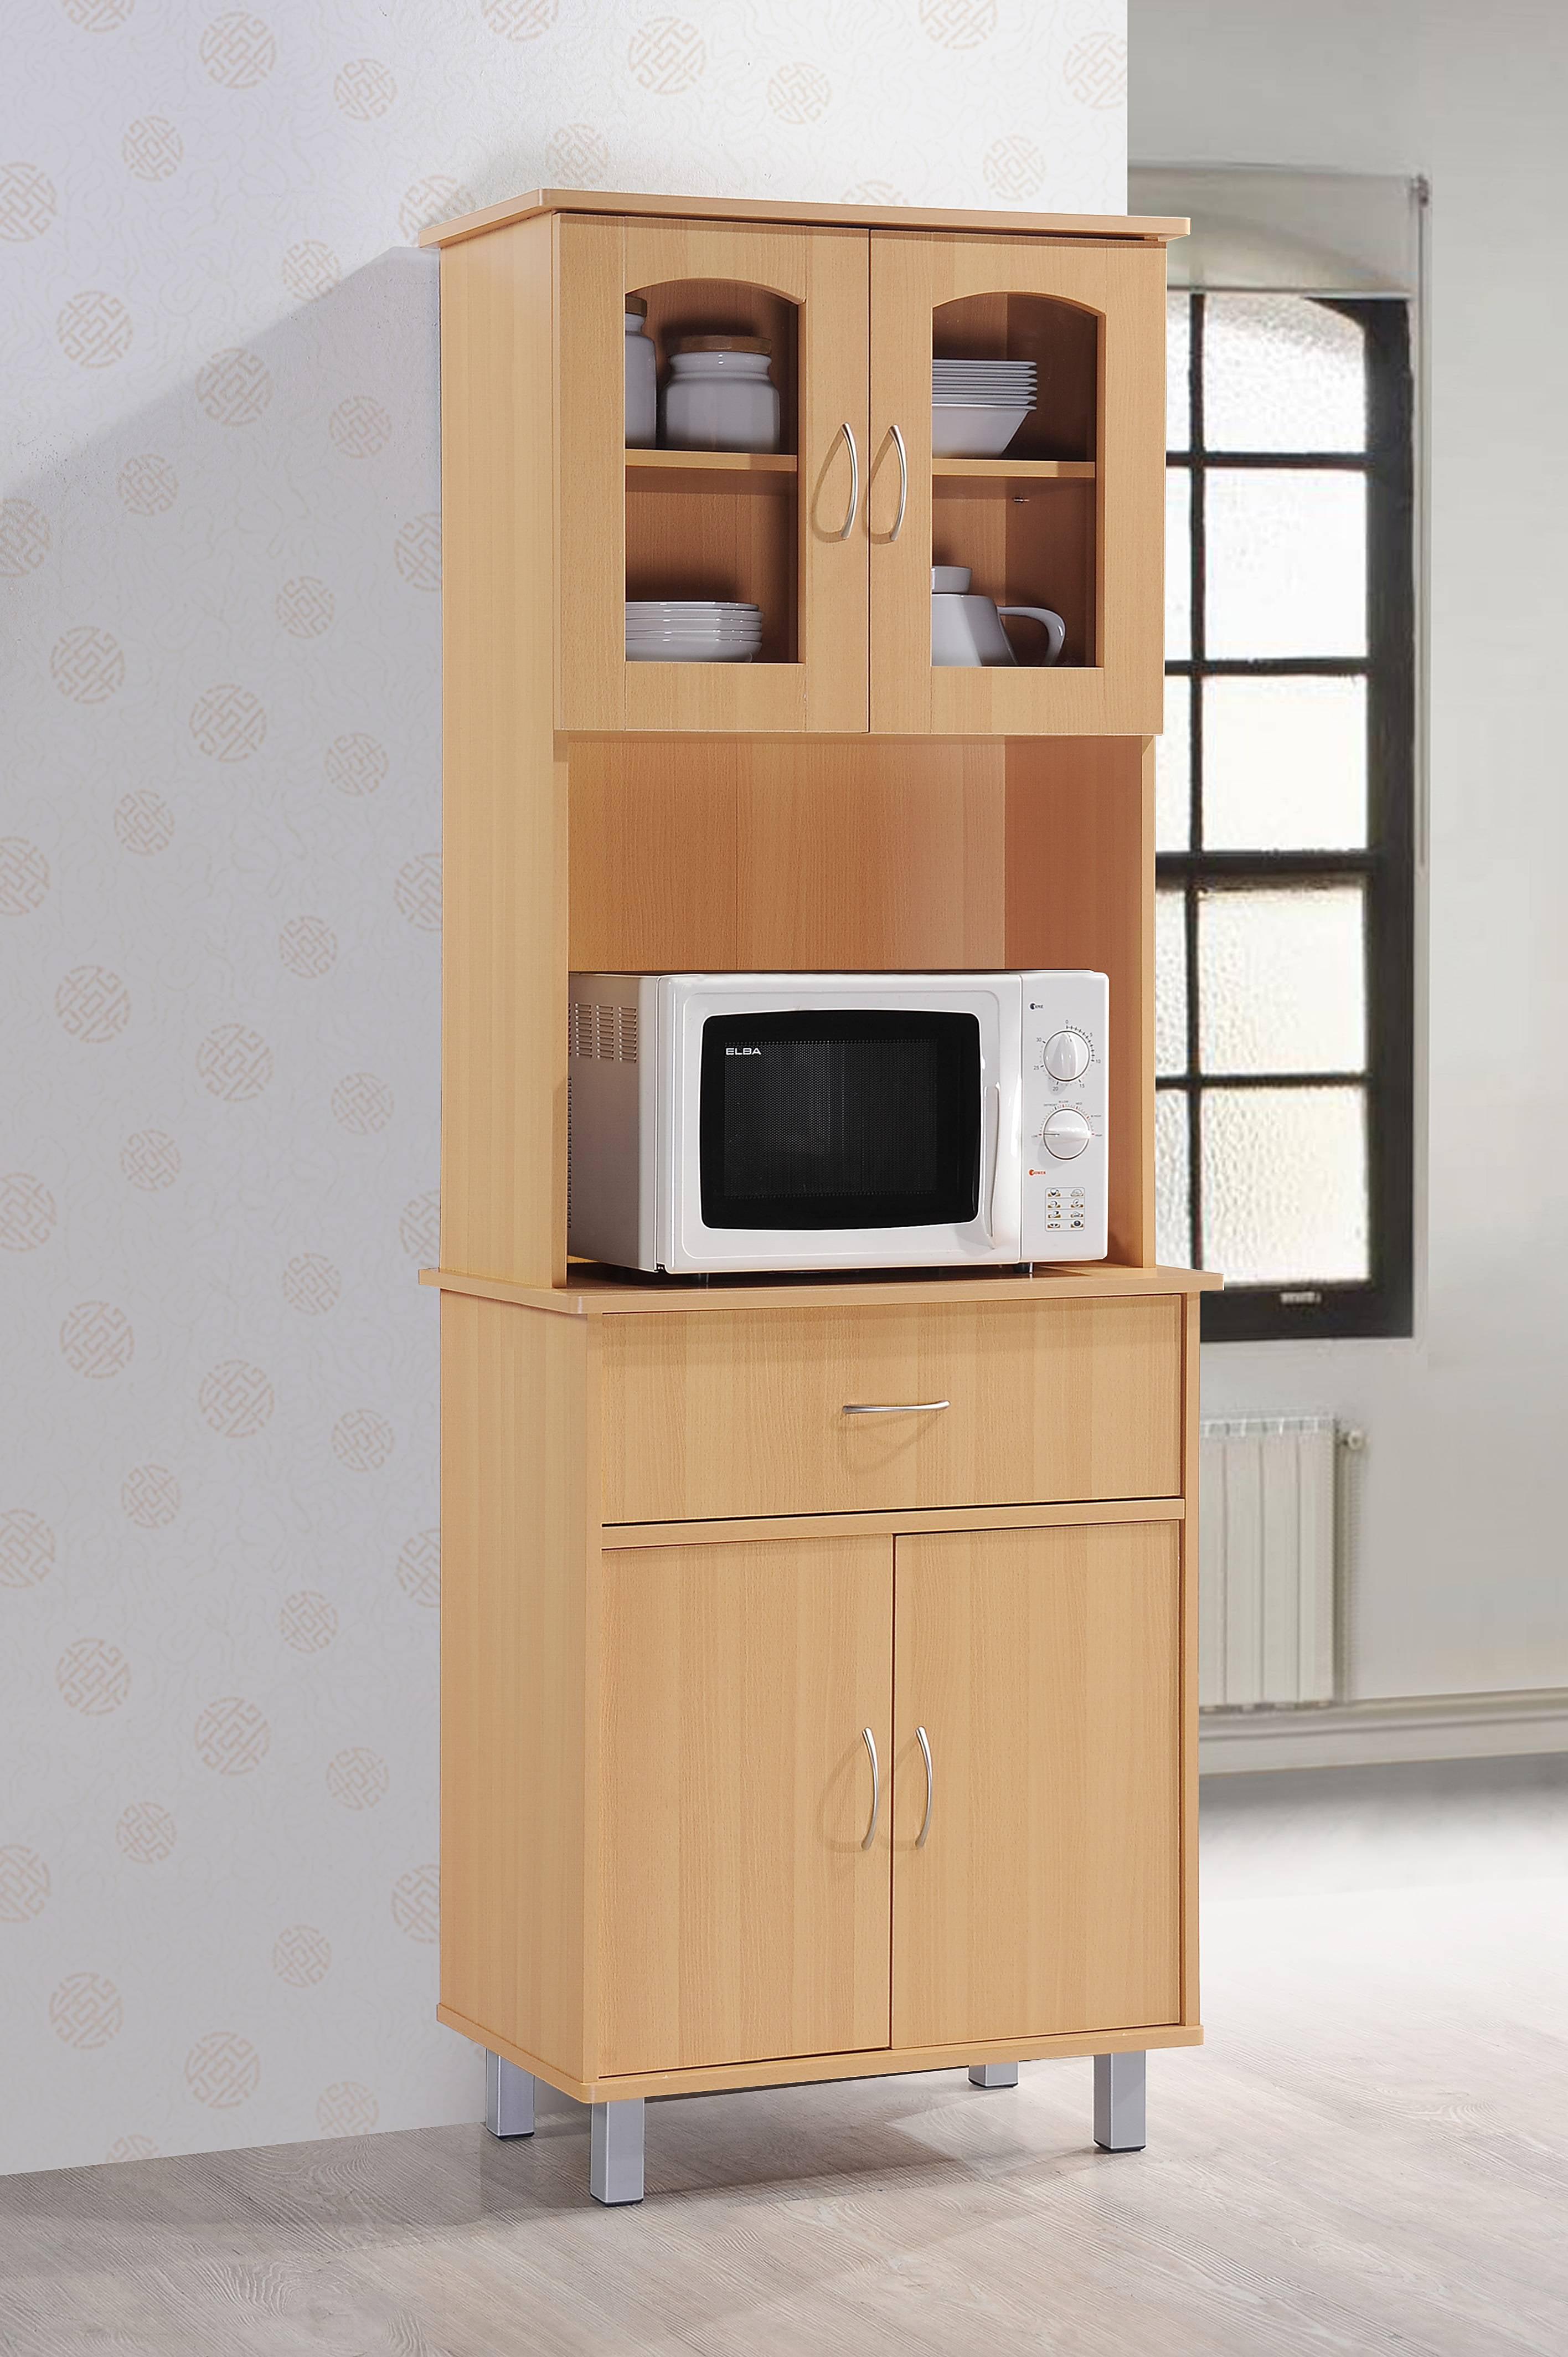 Hodedah Free Standing Kitchen Cabinet, Beech - Walmart.com